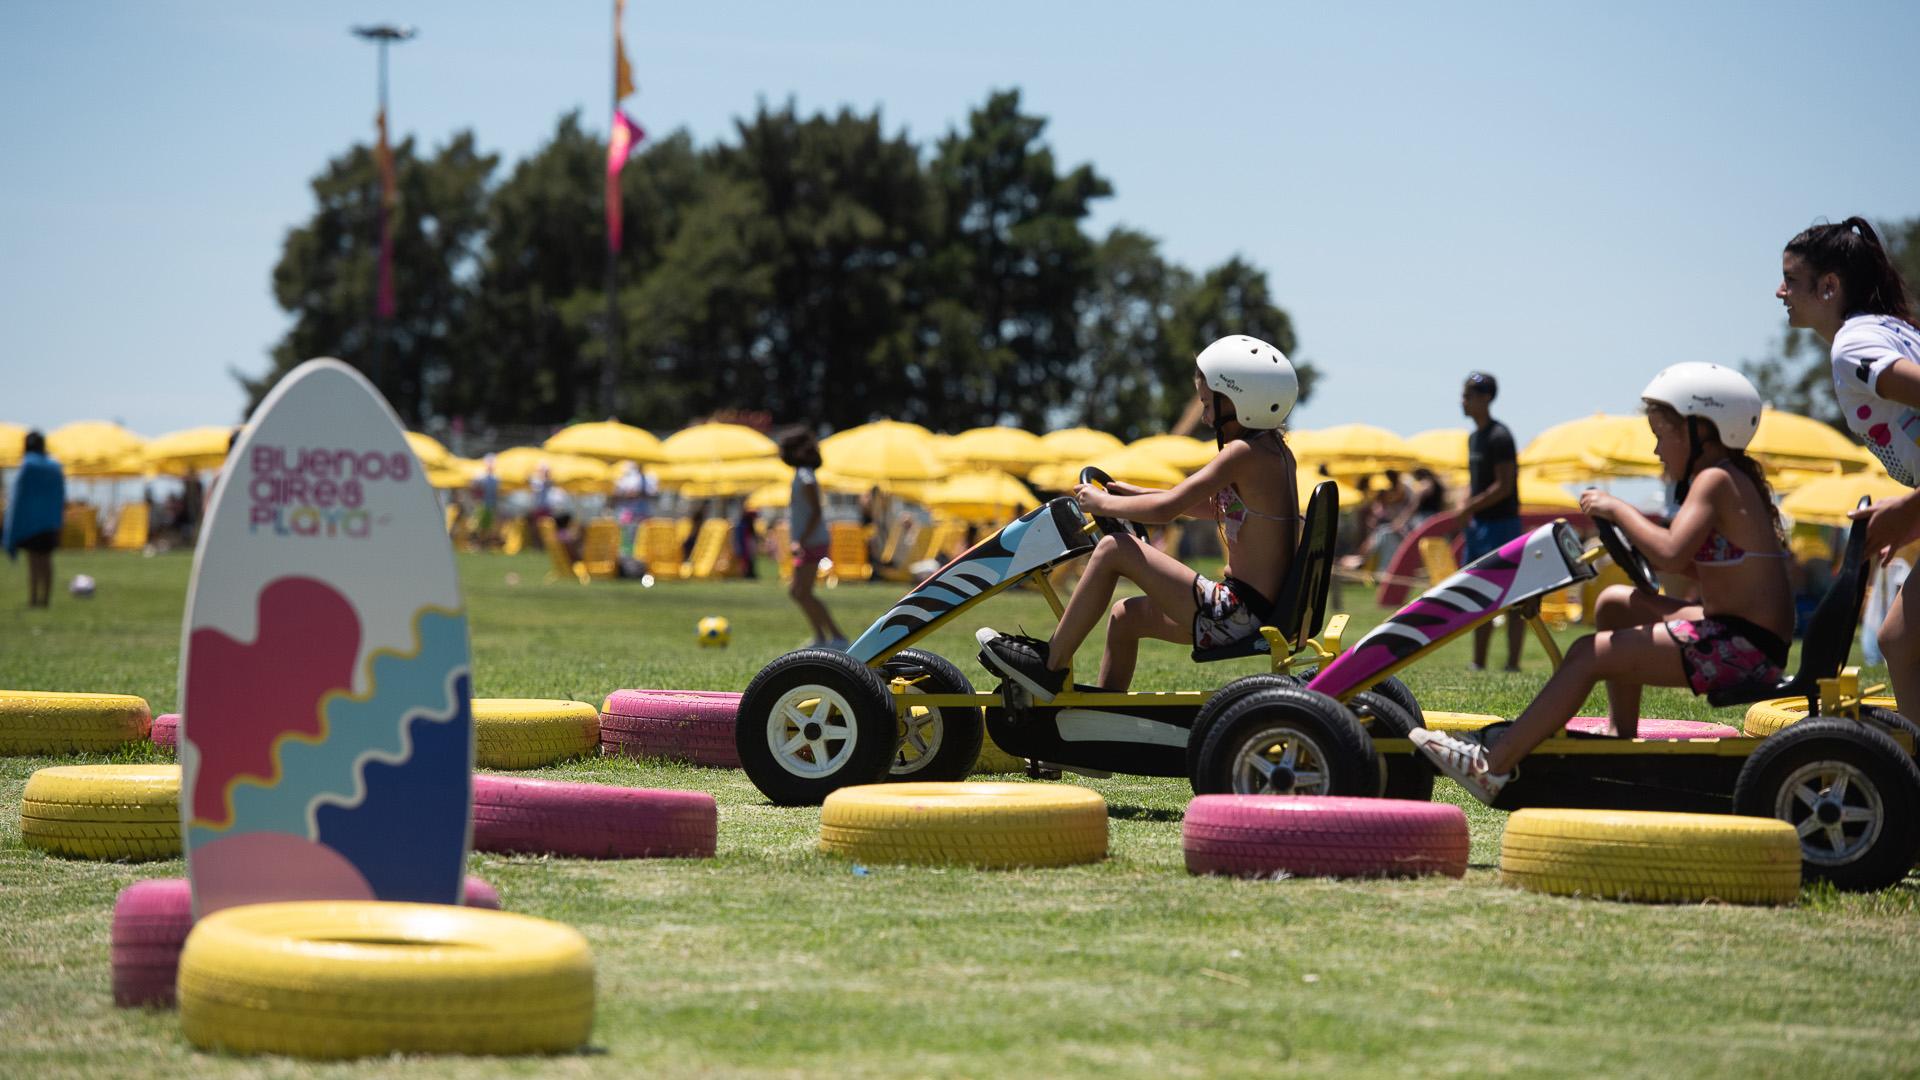 Los chicos también pueden disfrutar paseos en karting e improvisar carreras en las pistas